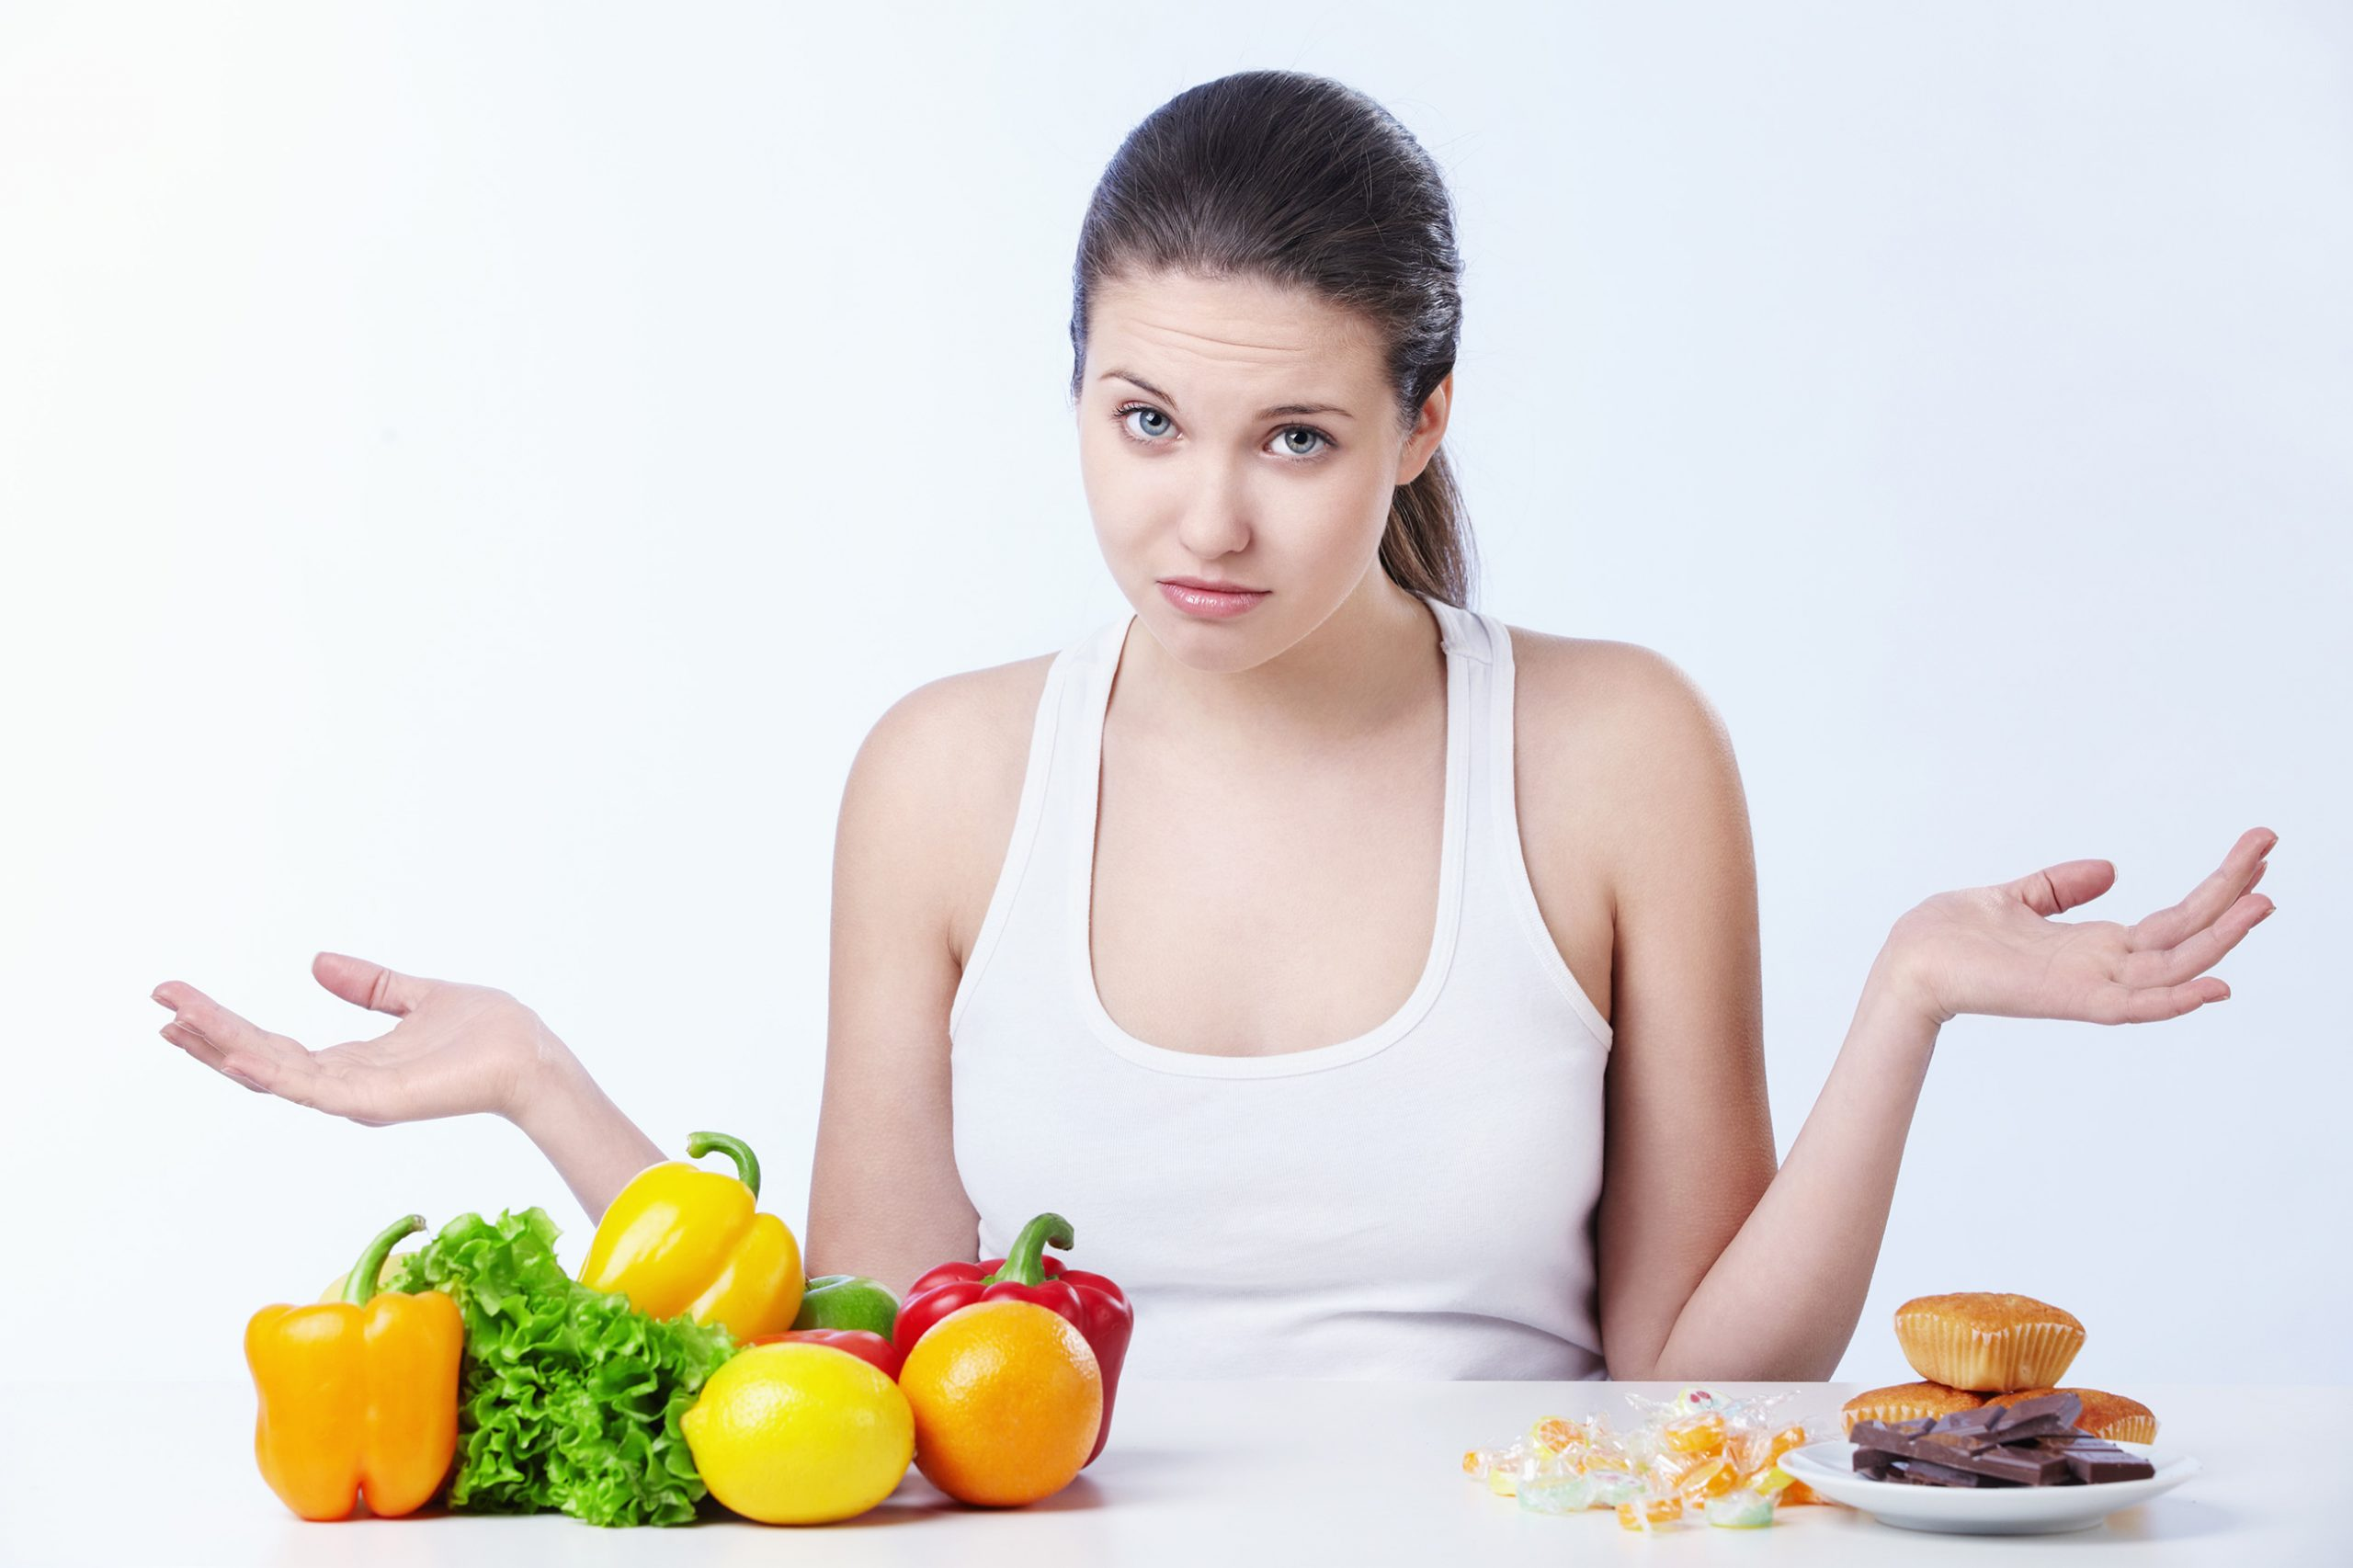 6 mẹo nhỏ khi ăn trưa giúp chị em giảm cân hiệu quả